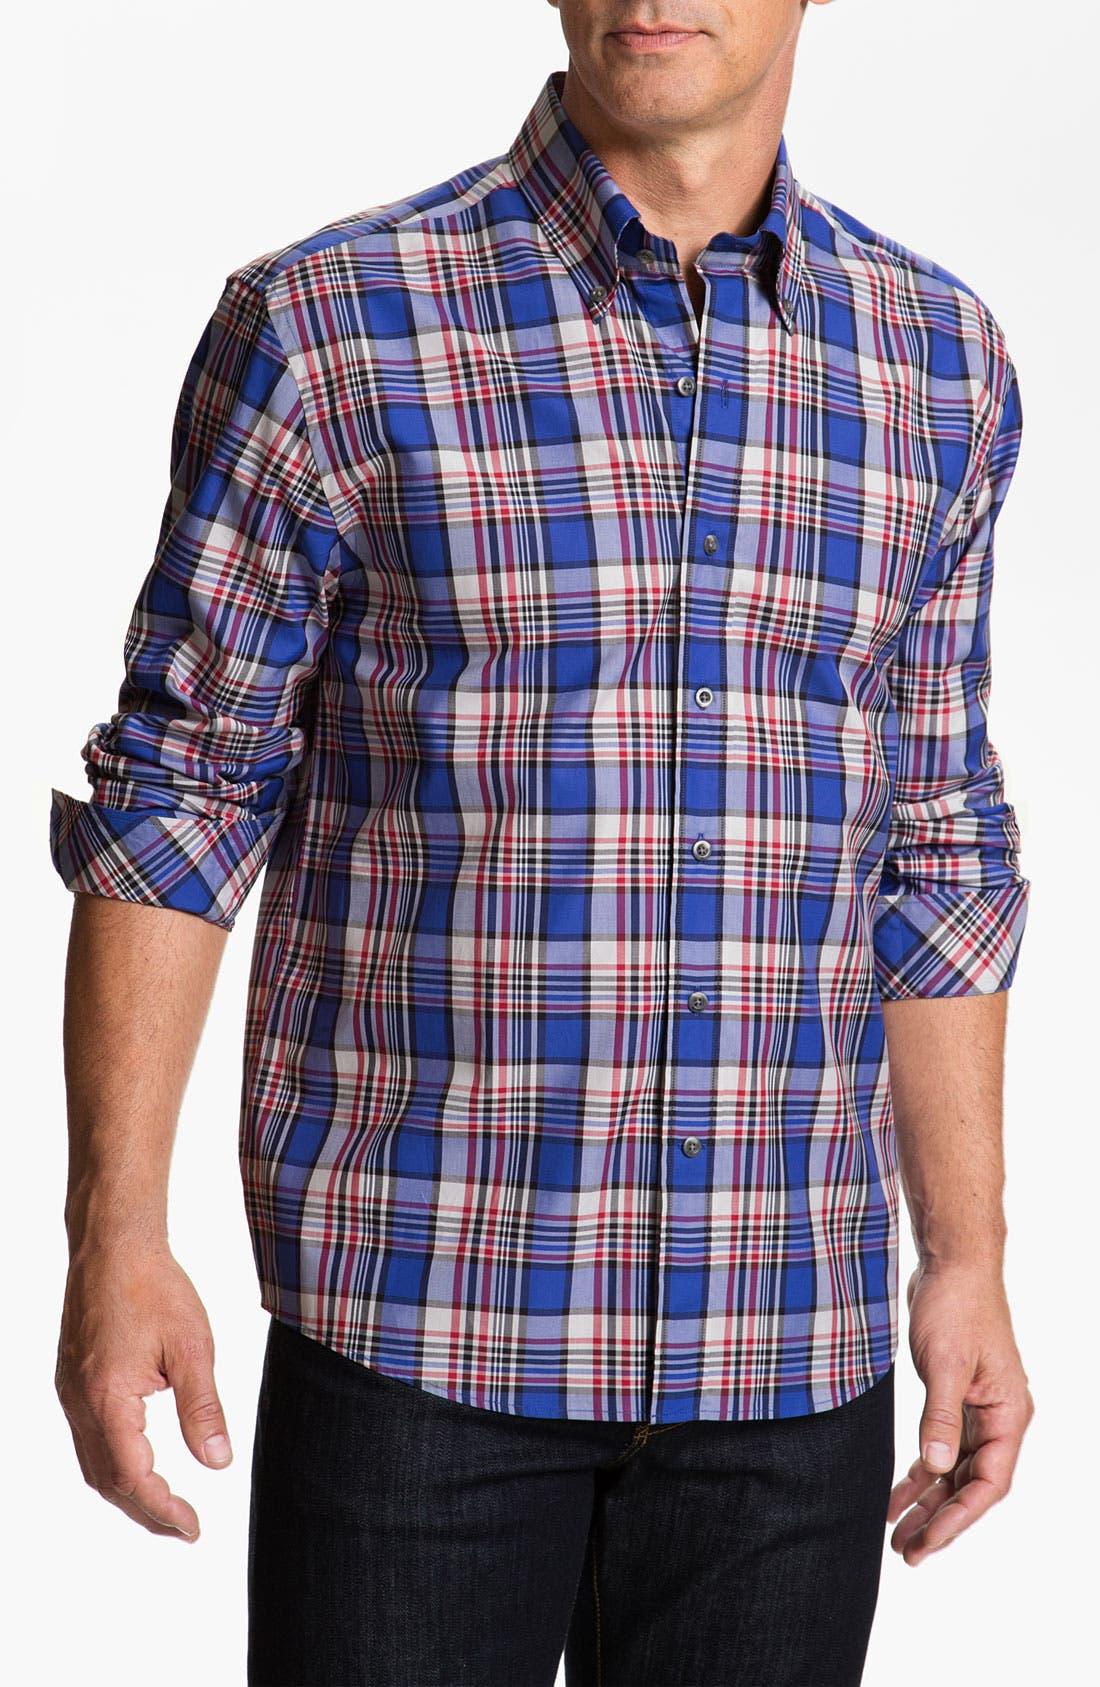 Main Image - Cutter & Buck 'Whistler' Plaid Woven Shirt